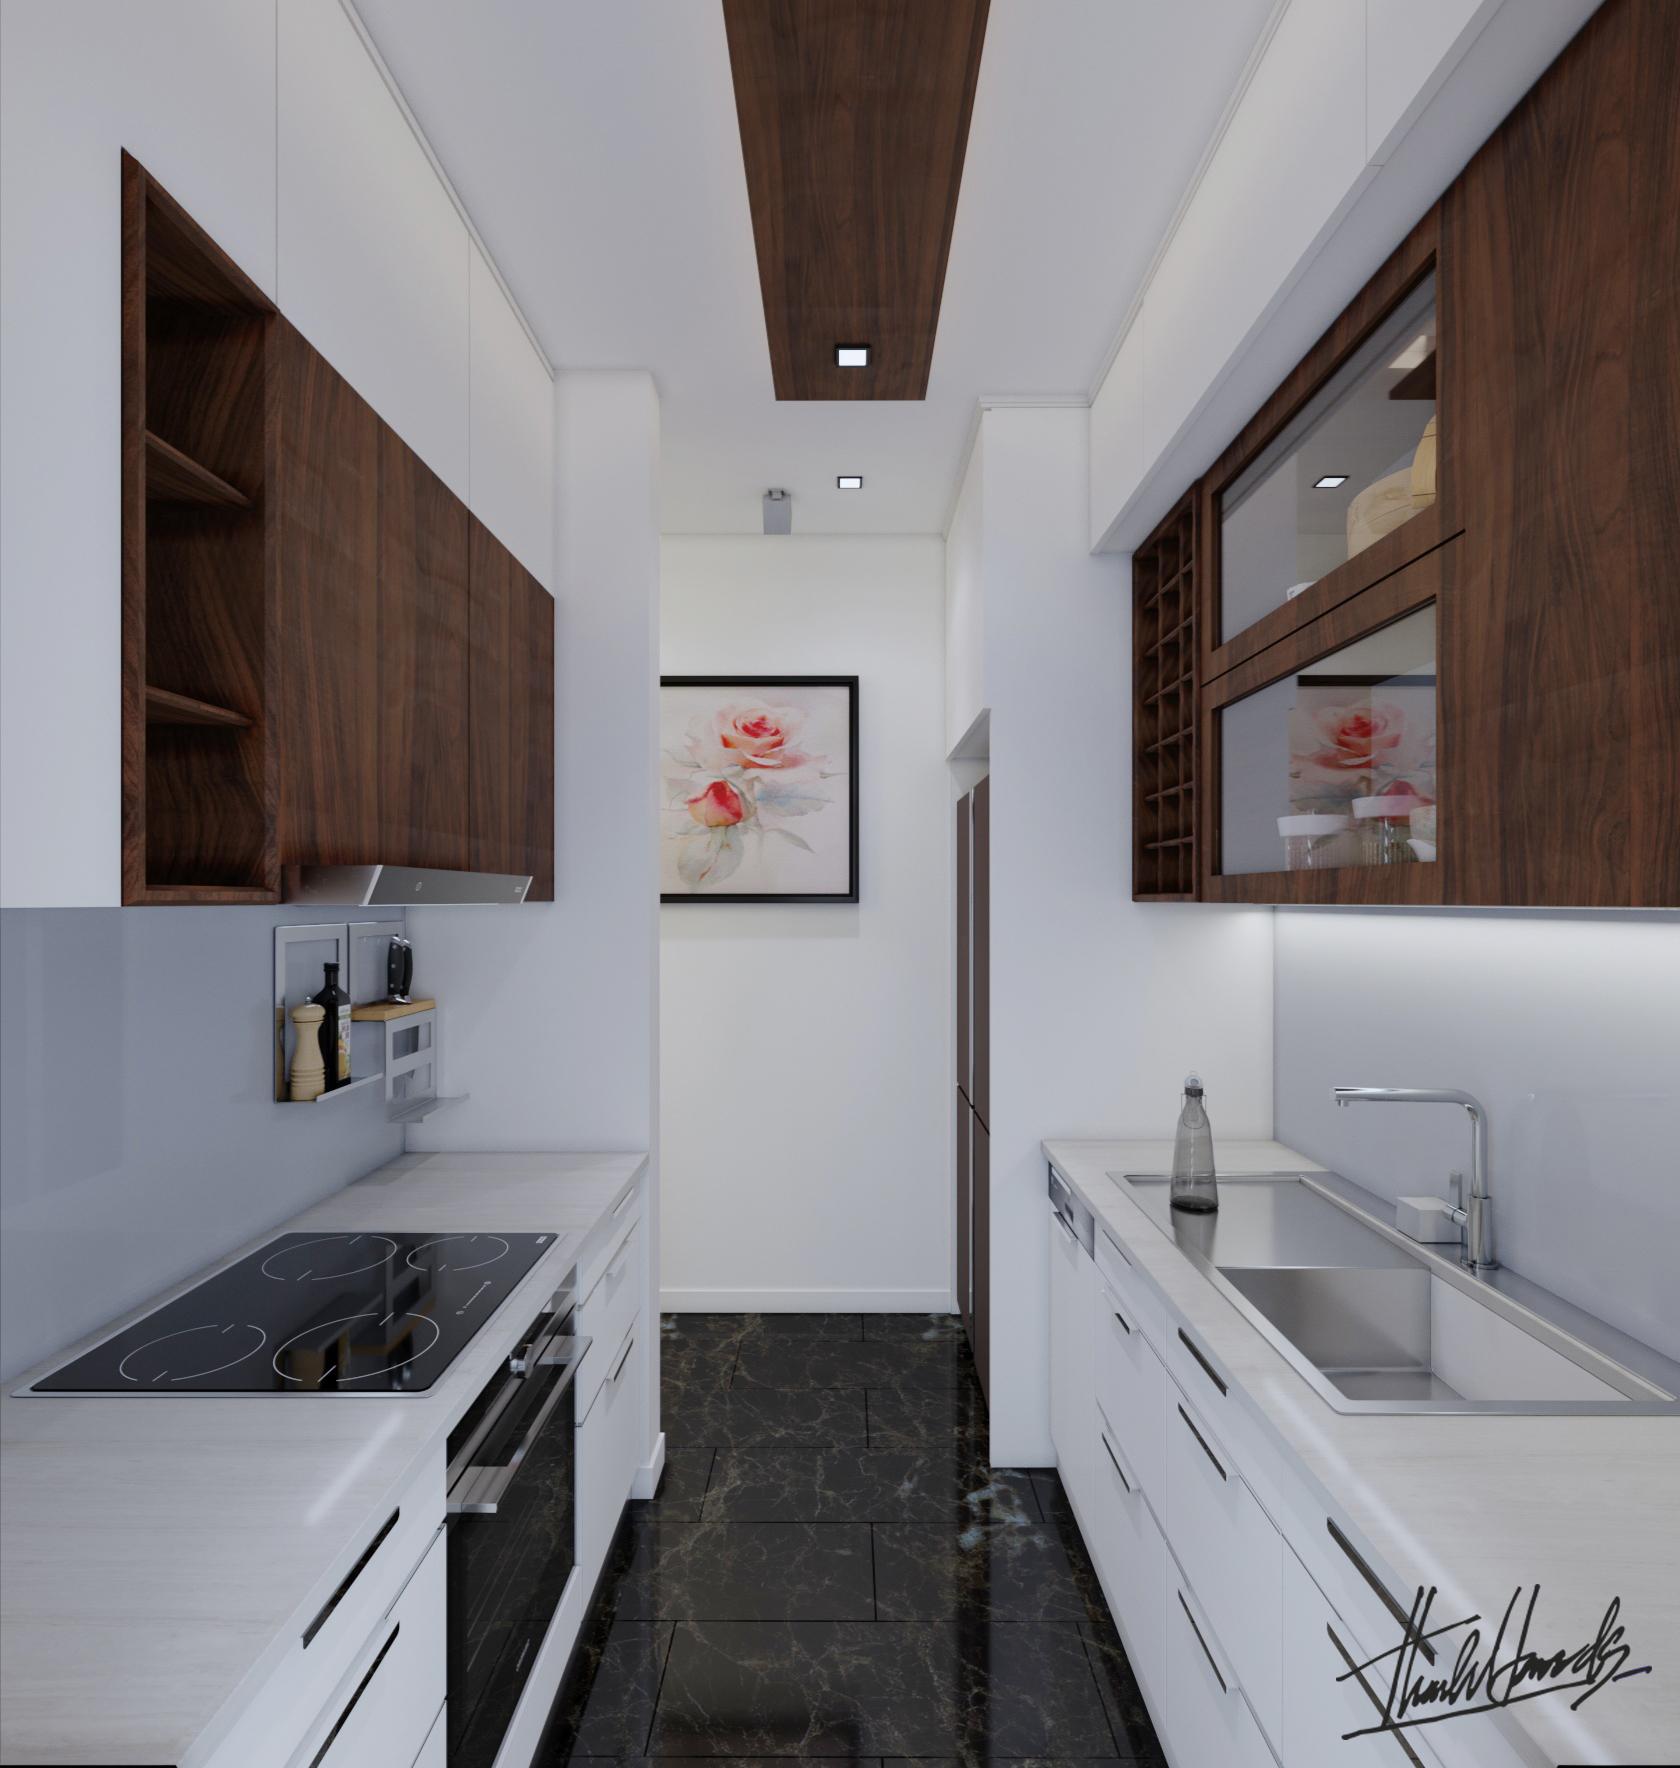 thiết kế Nội thất Chung Cư chung cư - Vin mỹ đình09